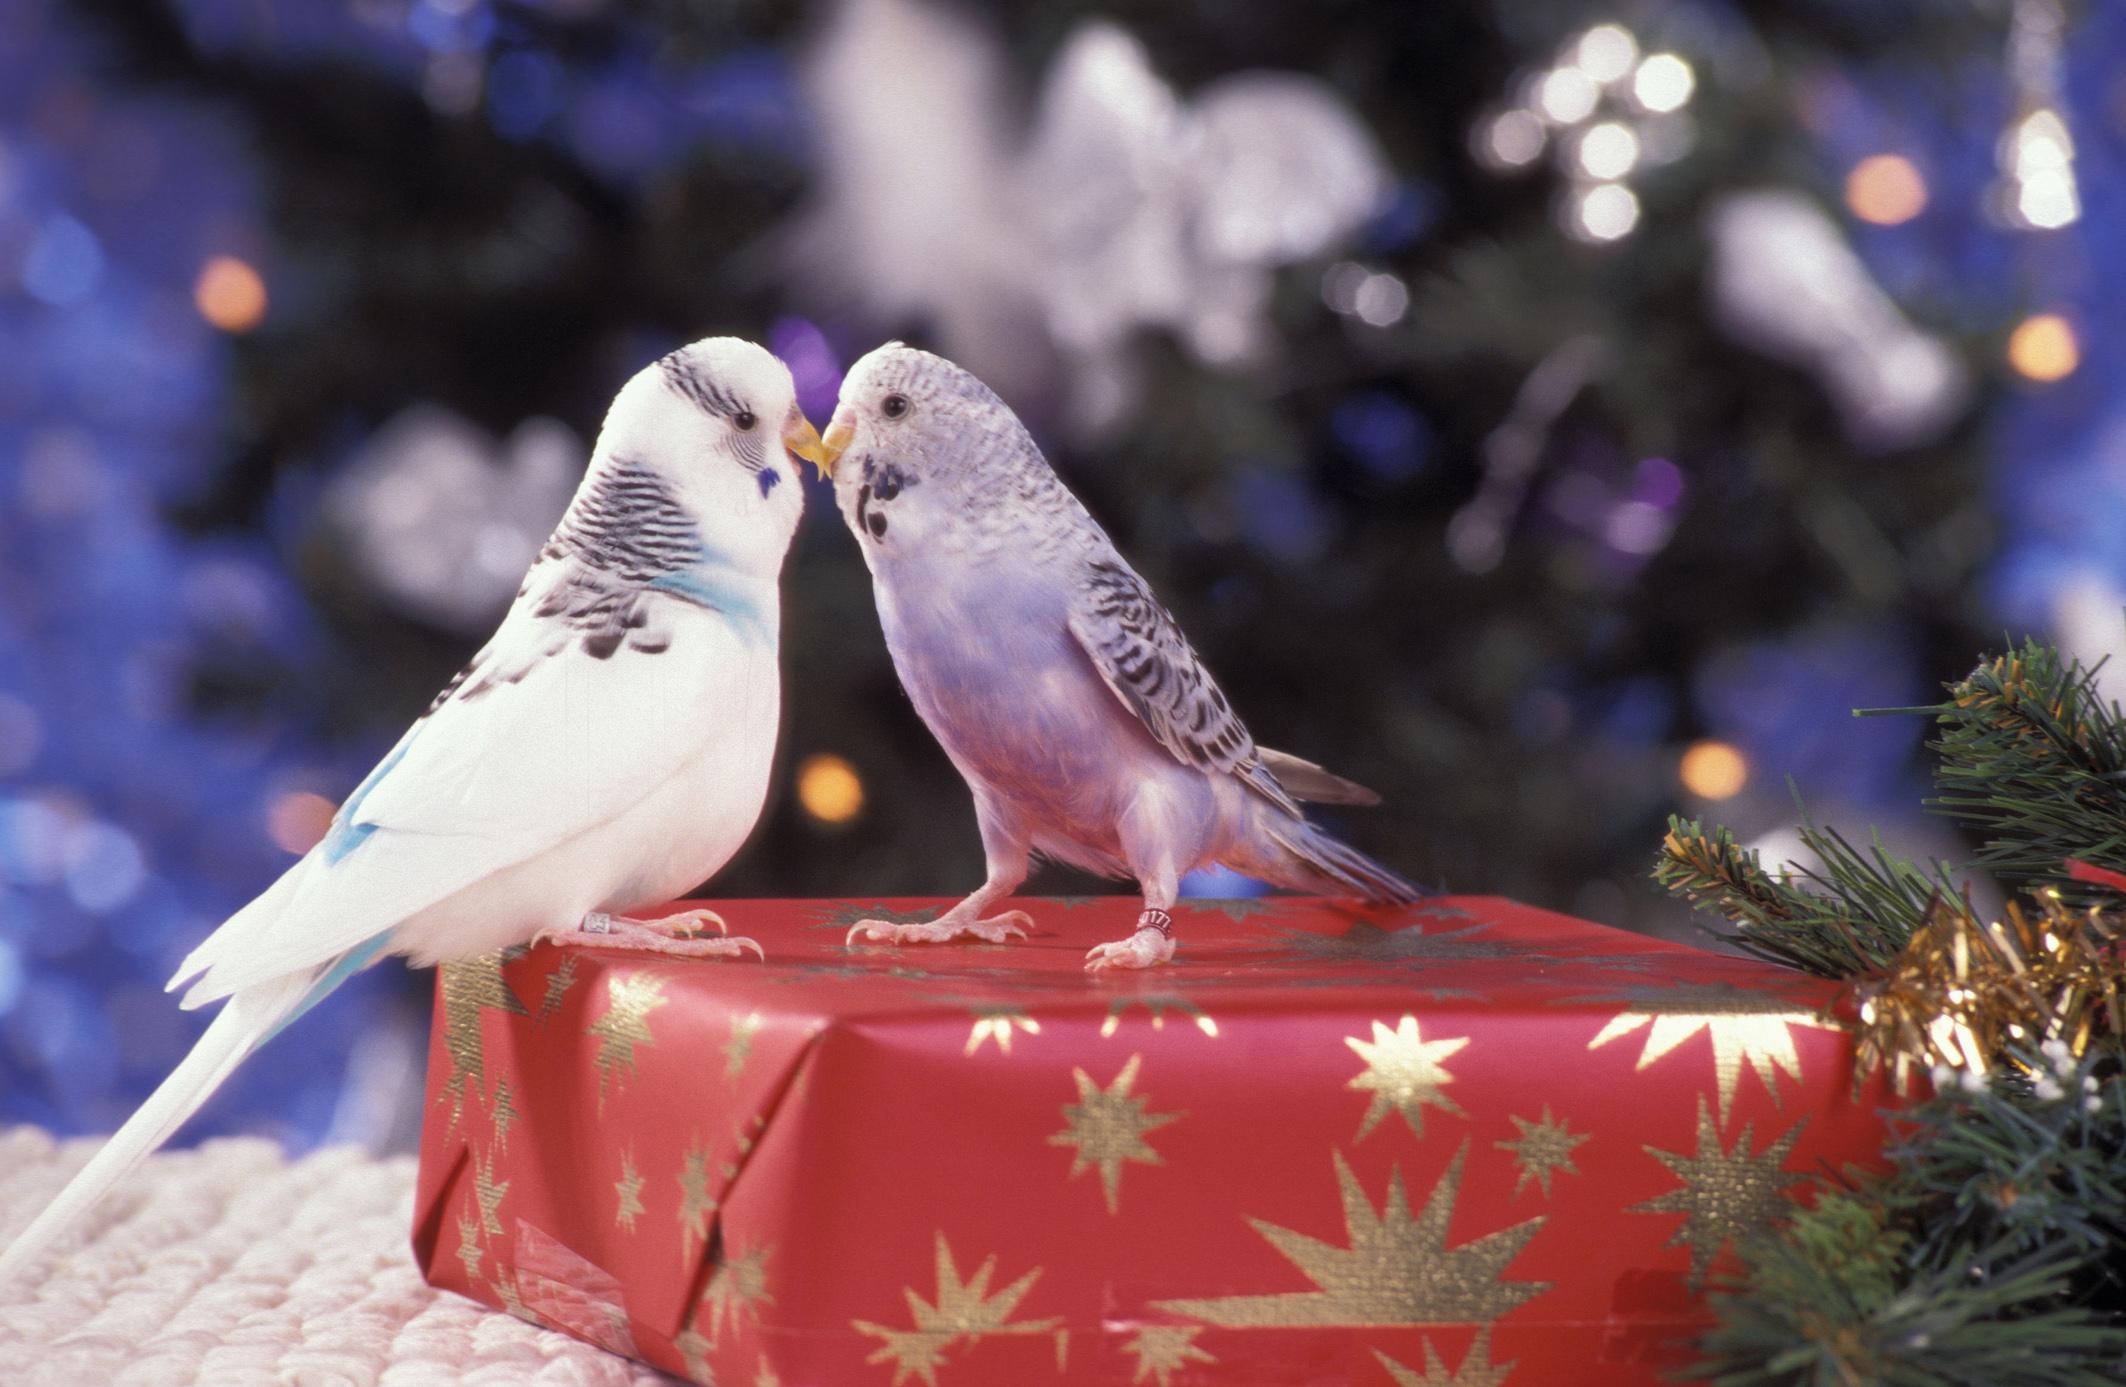 Bilder Weihnachten Tiere.Zzf Pressemeldung Weihnachten Kein Umtausch Von Tieren